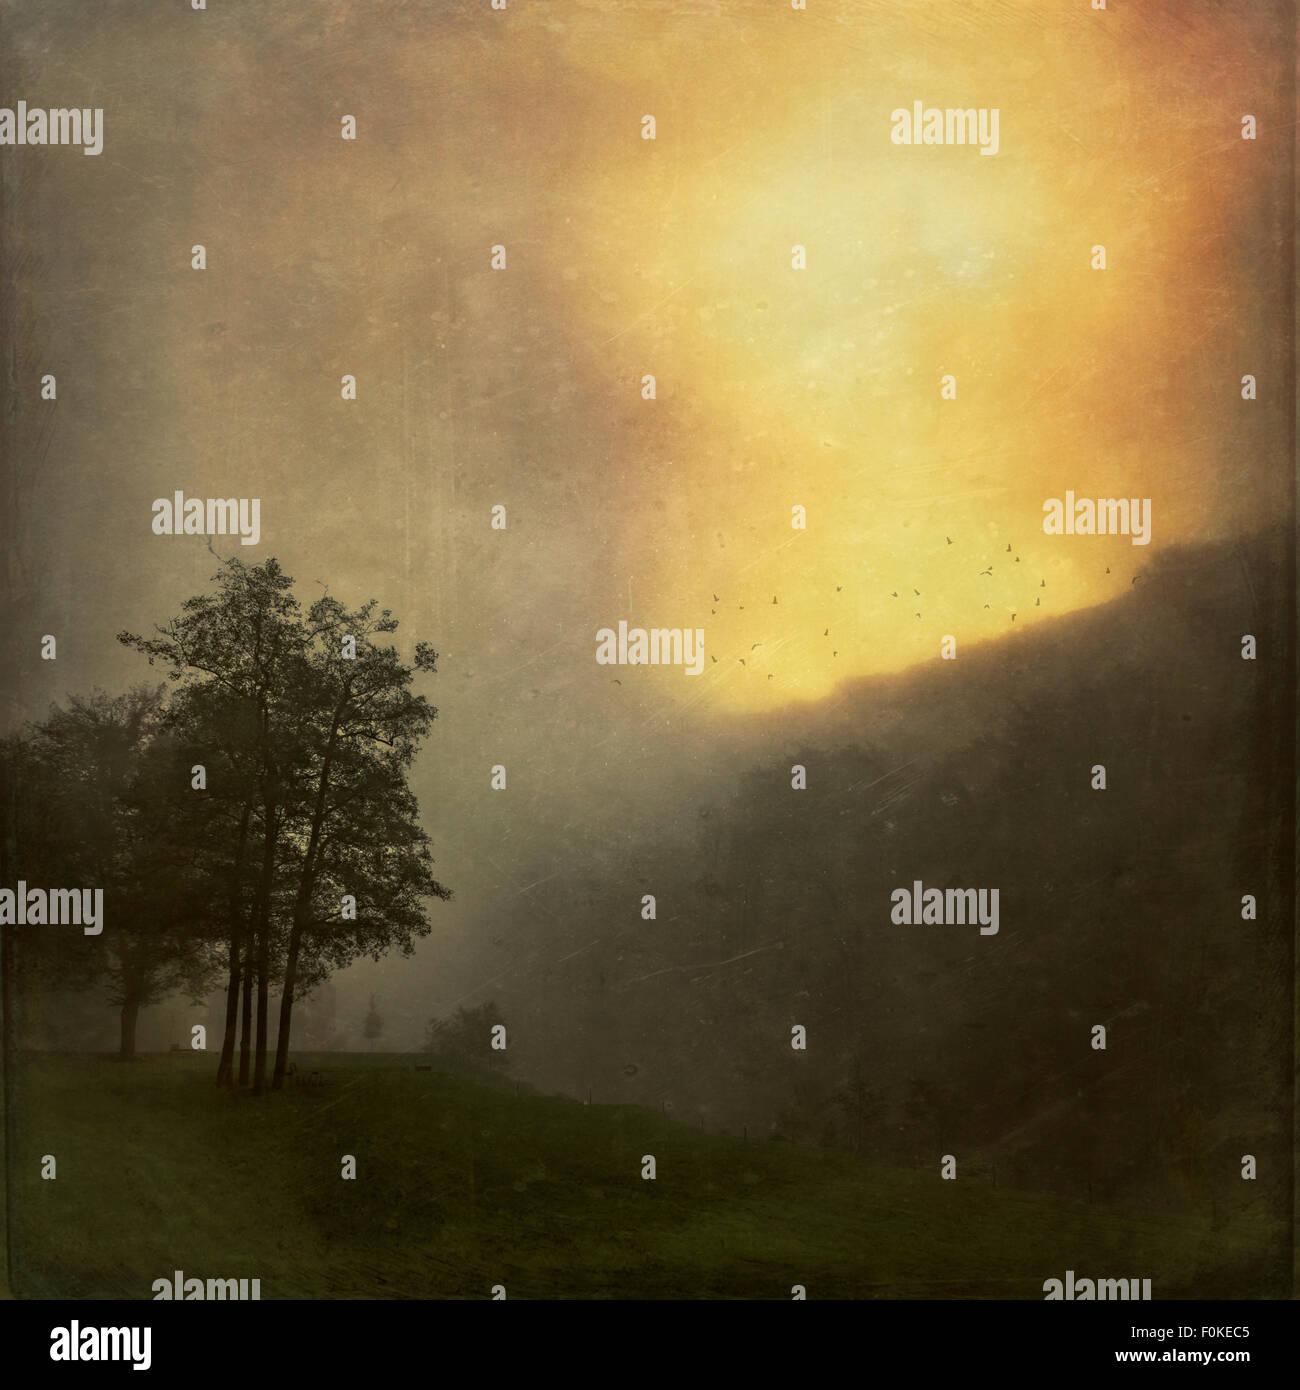 Paysage au lever du soleil dans le brouillard, effet de texture Photo Stock